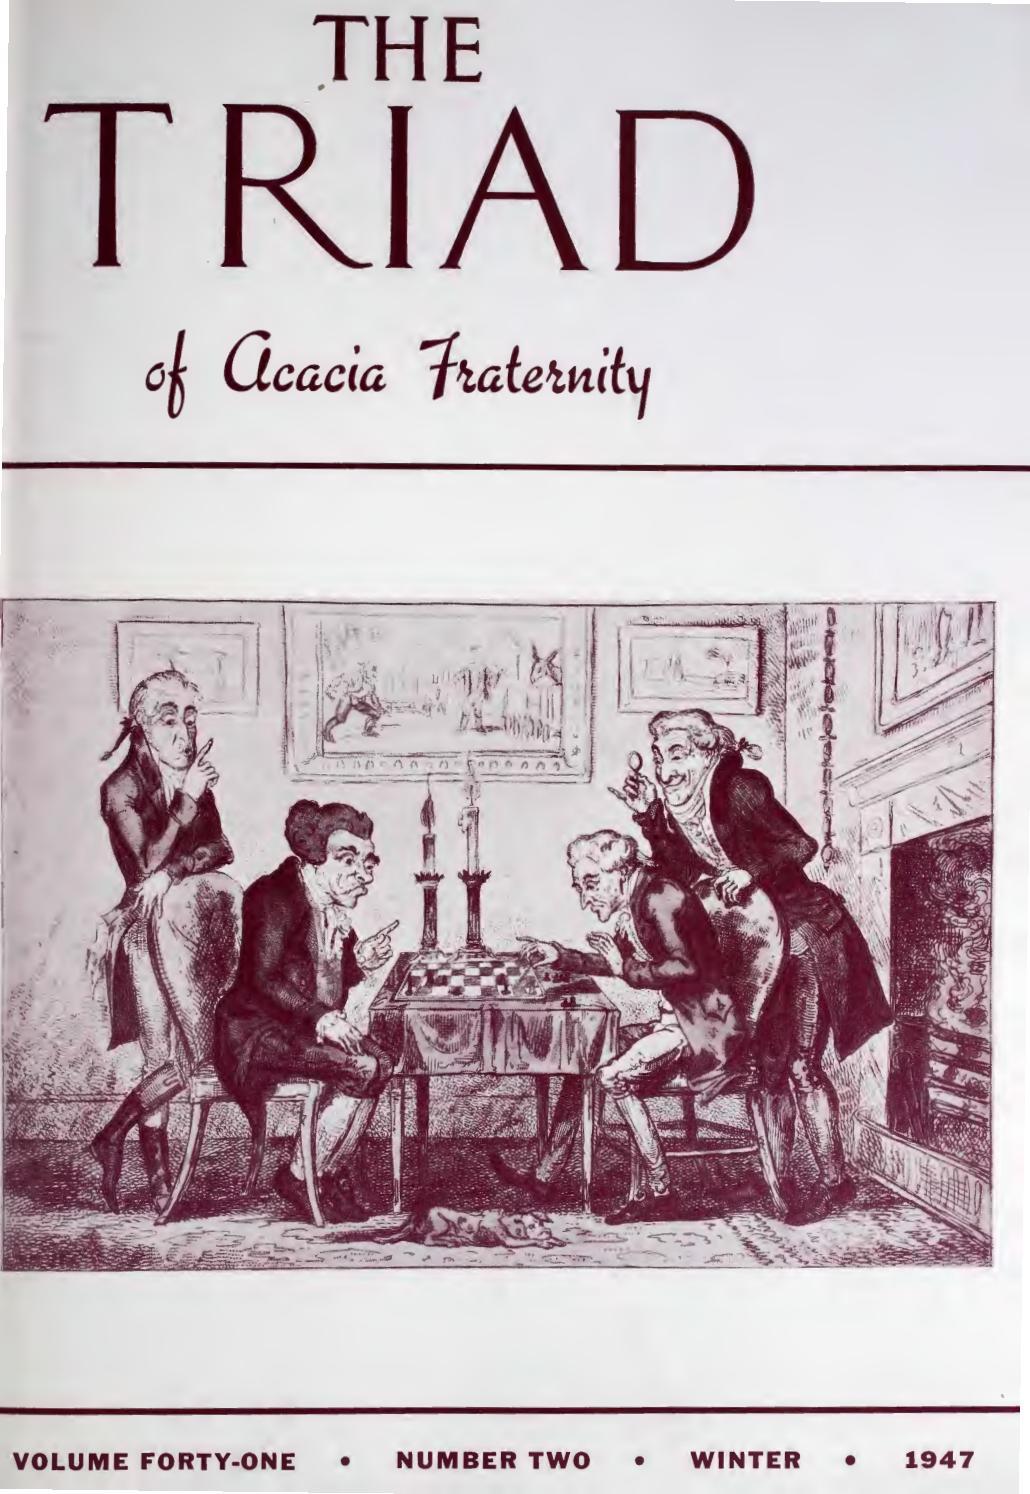 Acacia triad vol 41 no 2 winter 1947 by Acacia Fraternity - issuu 8ef210b1f19